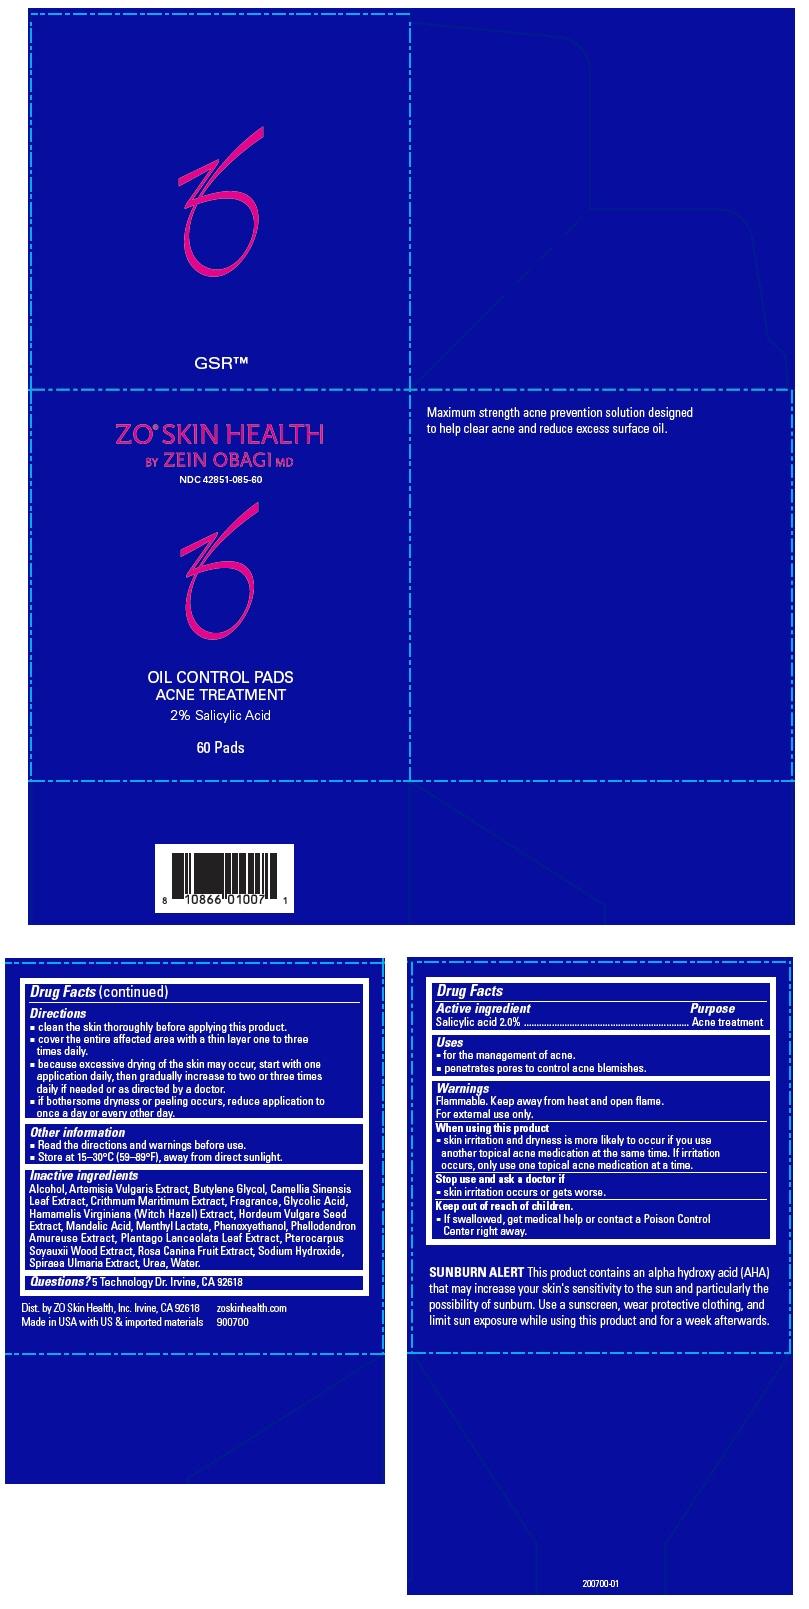 PRINCIPAL DISPLAY PANEL - 60 Pad Jar Carton